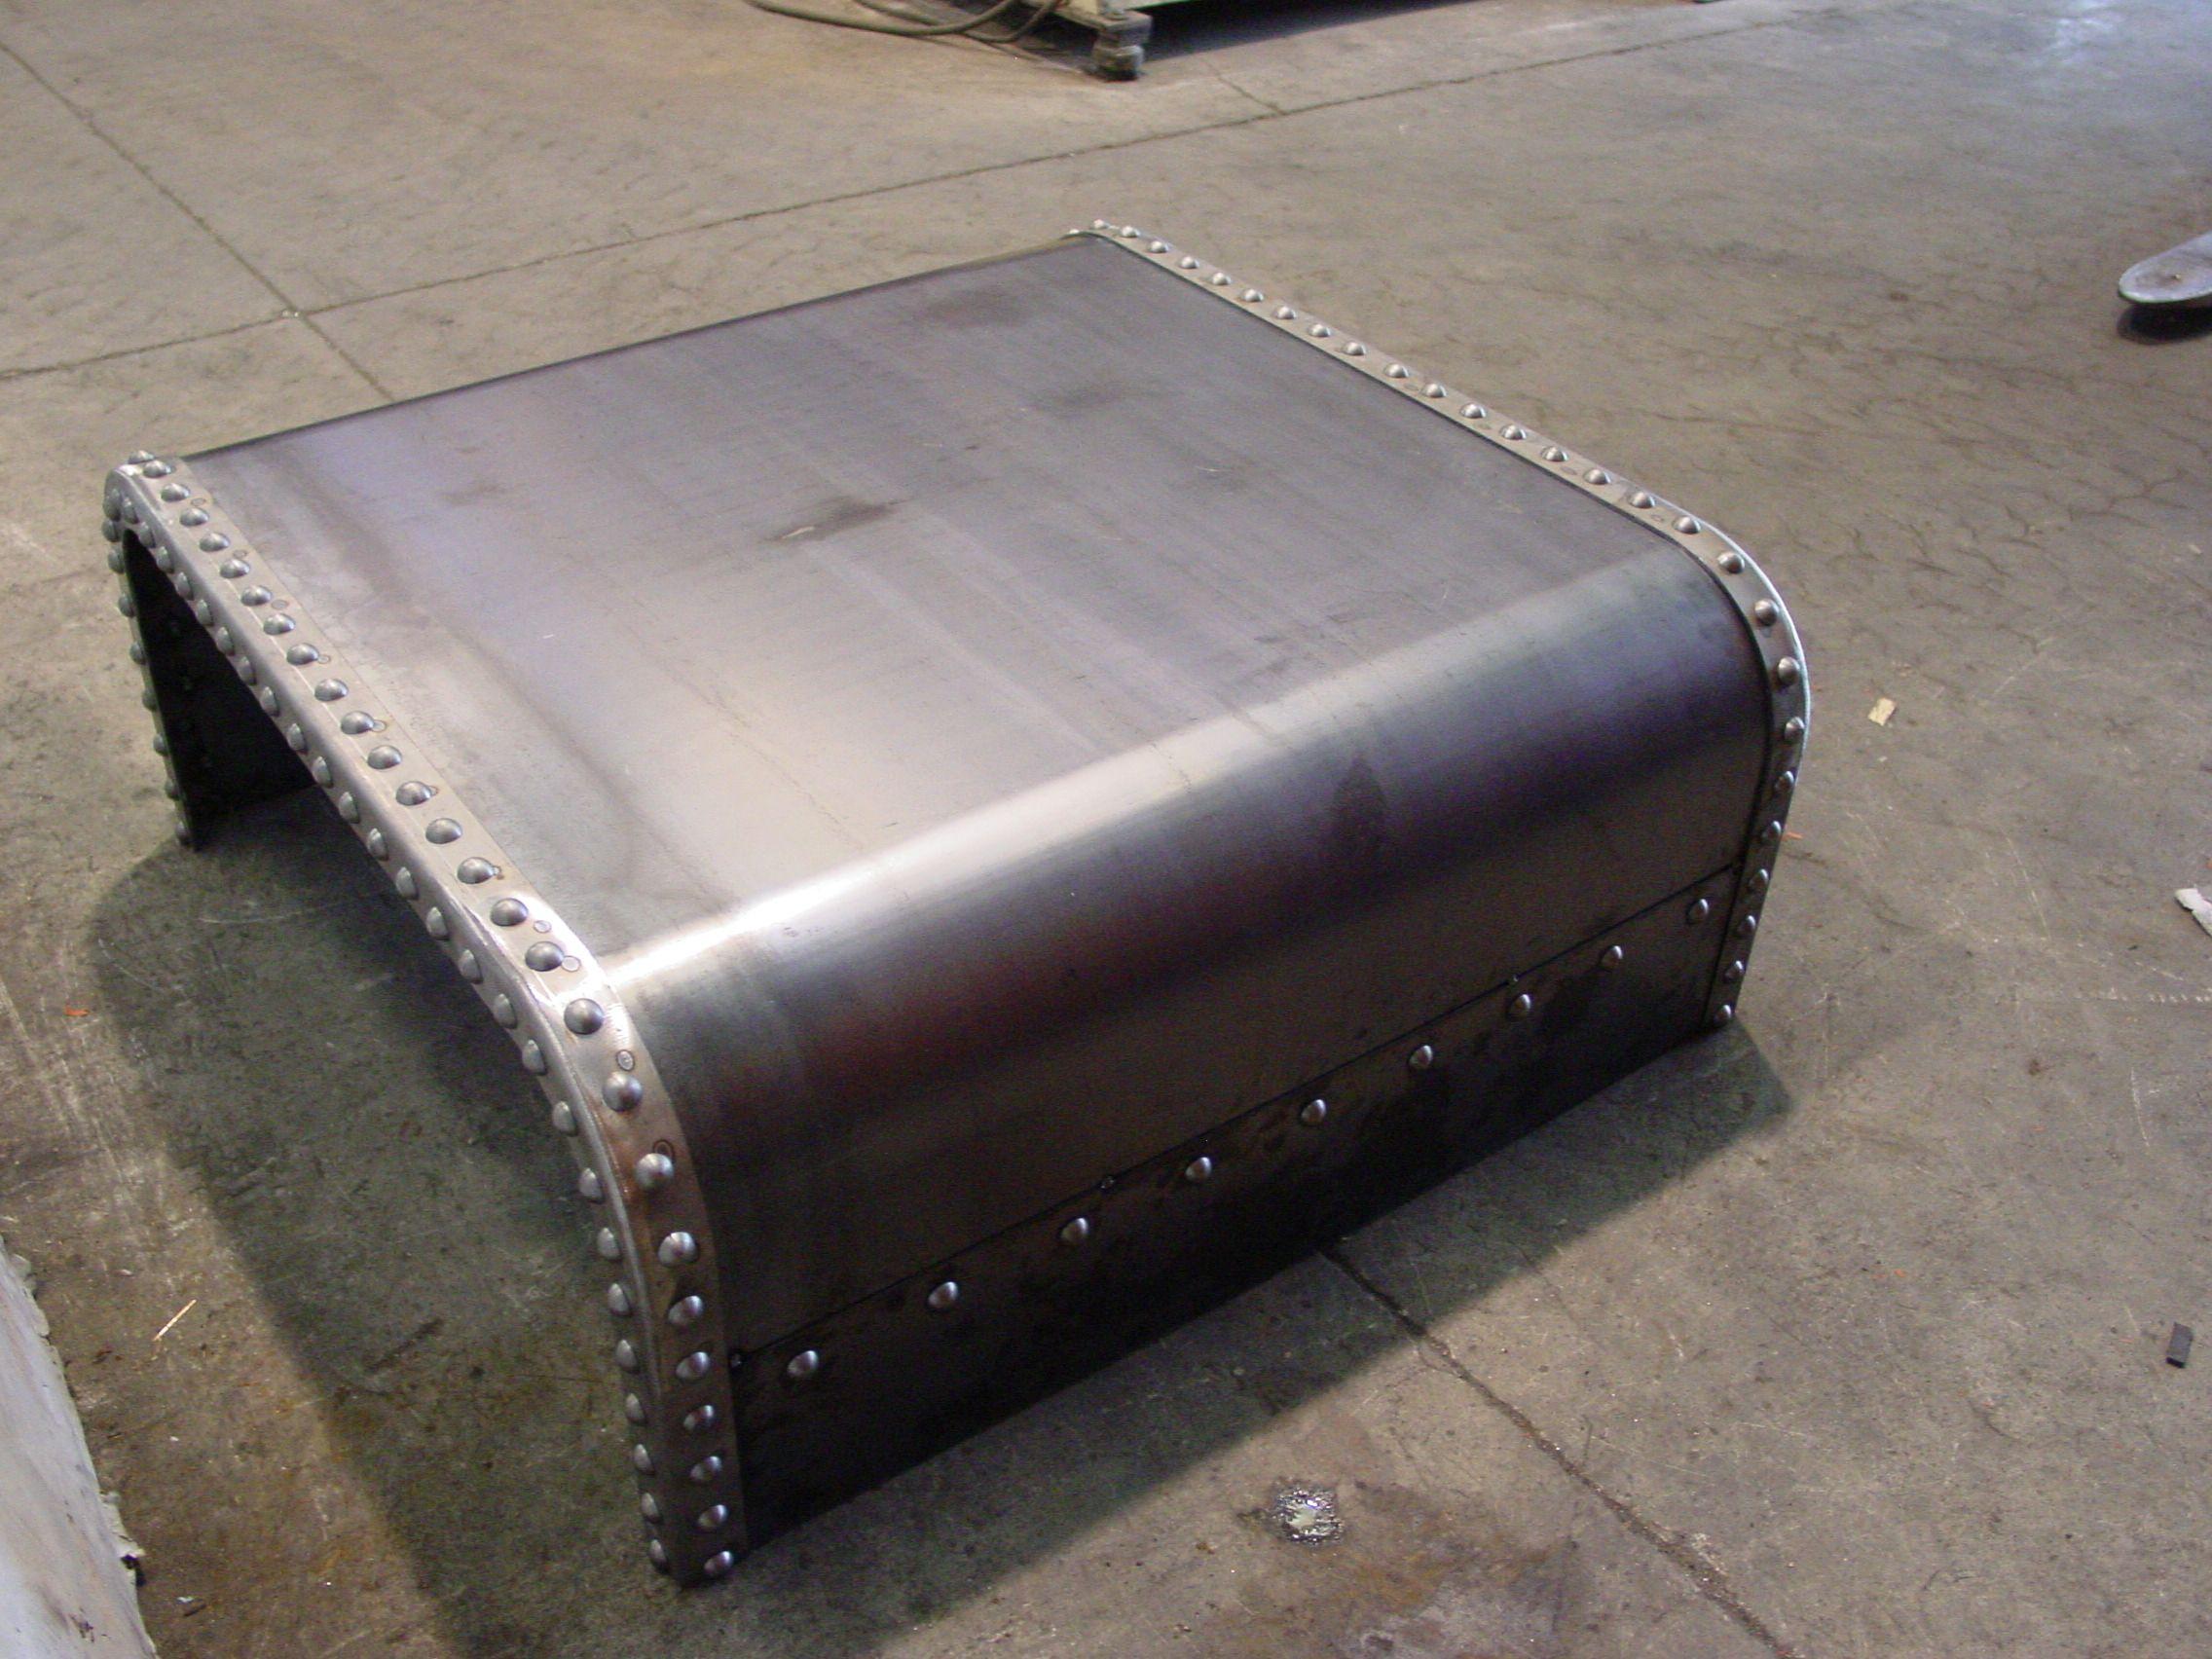 Mesa en chapa de hierro con remaches tama o peque o - Chapas de hierro ...